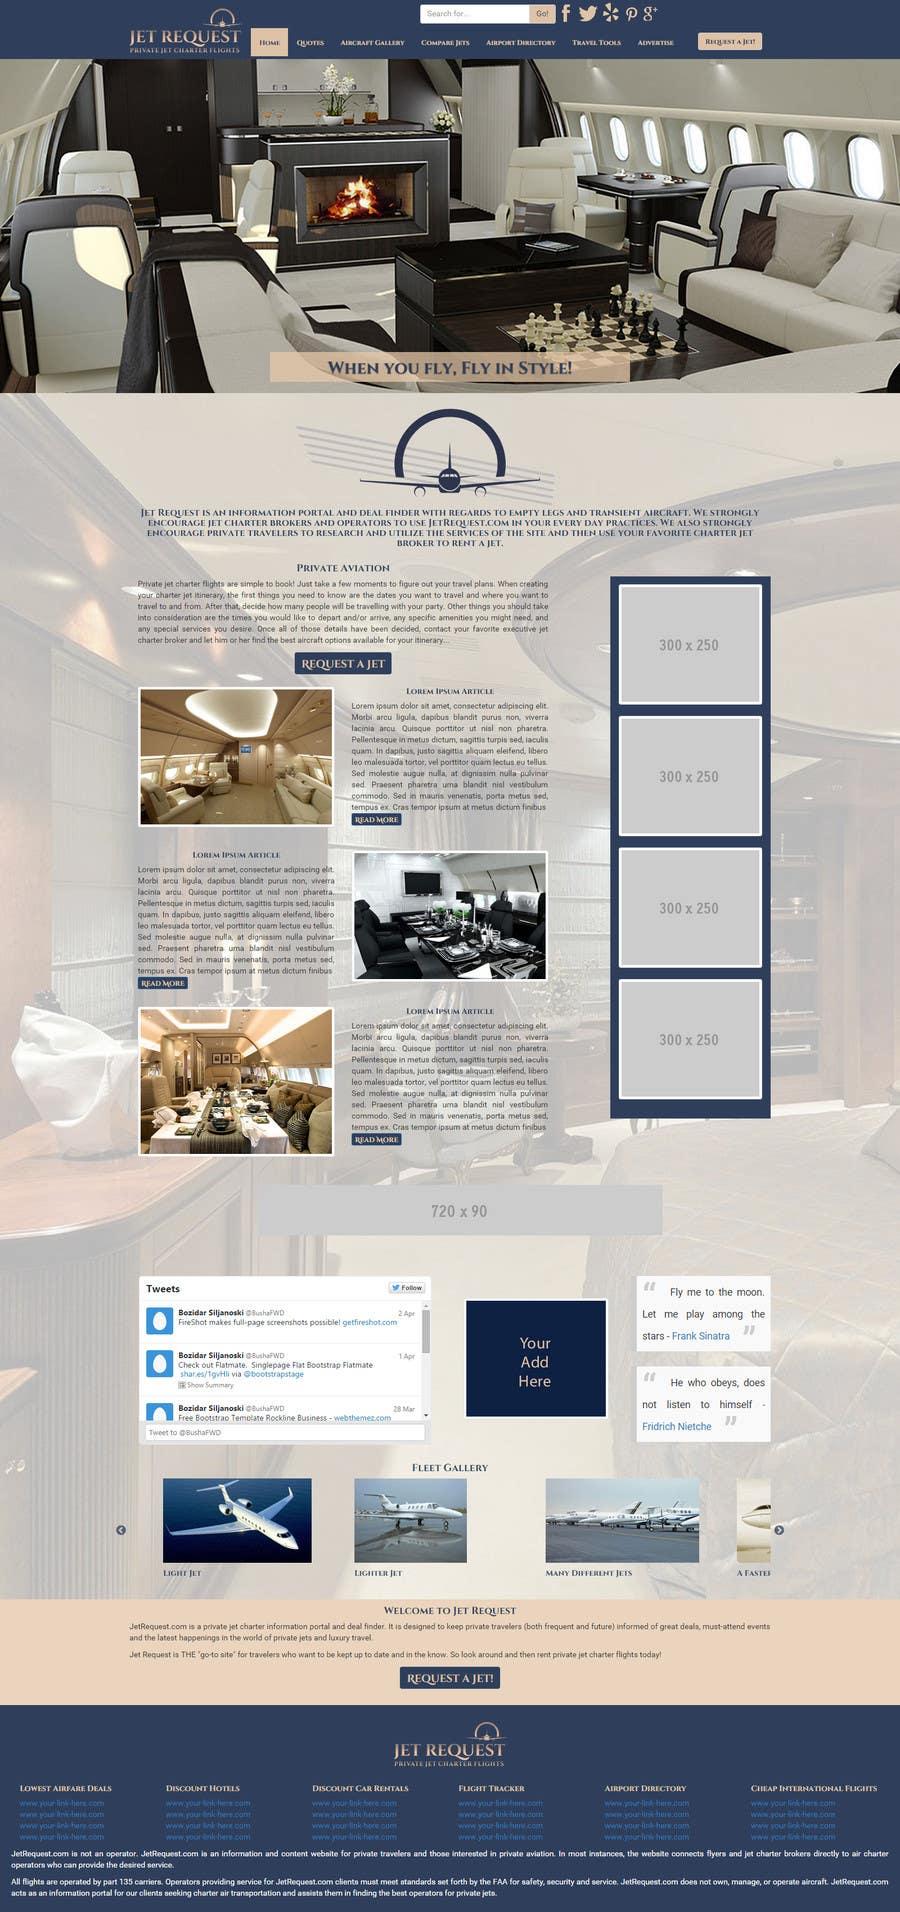 Konkurrenceindlæg #                                        39                                      for                                         Design a Website Mockup for Private Jet company